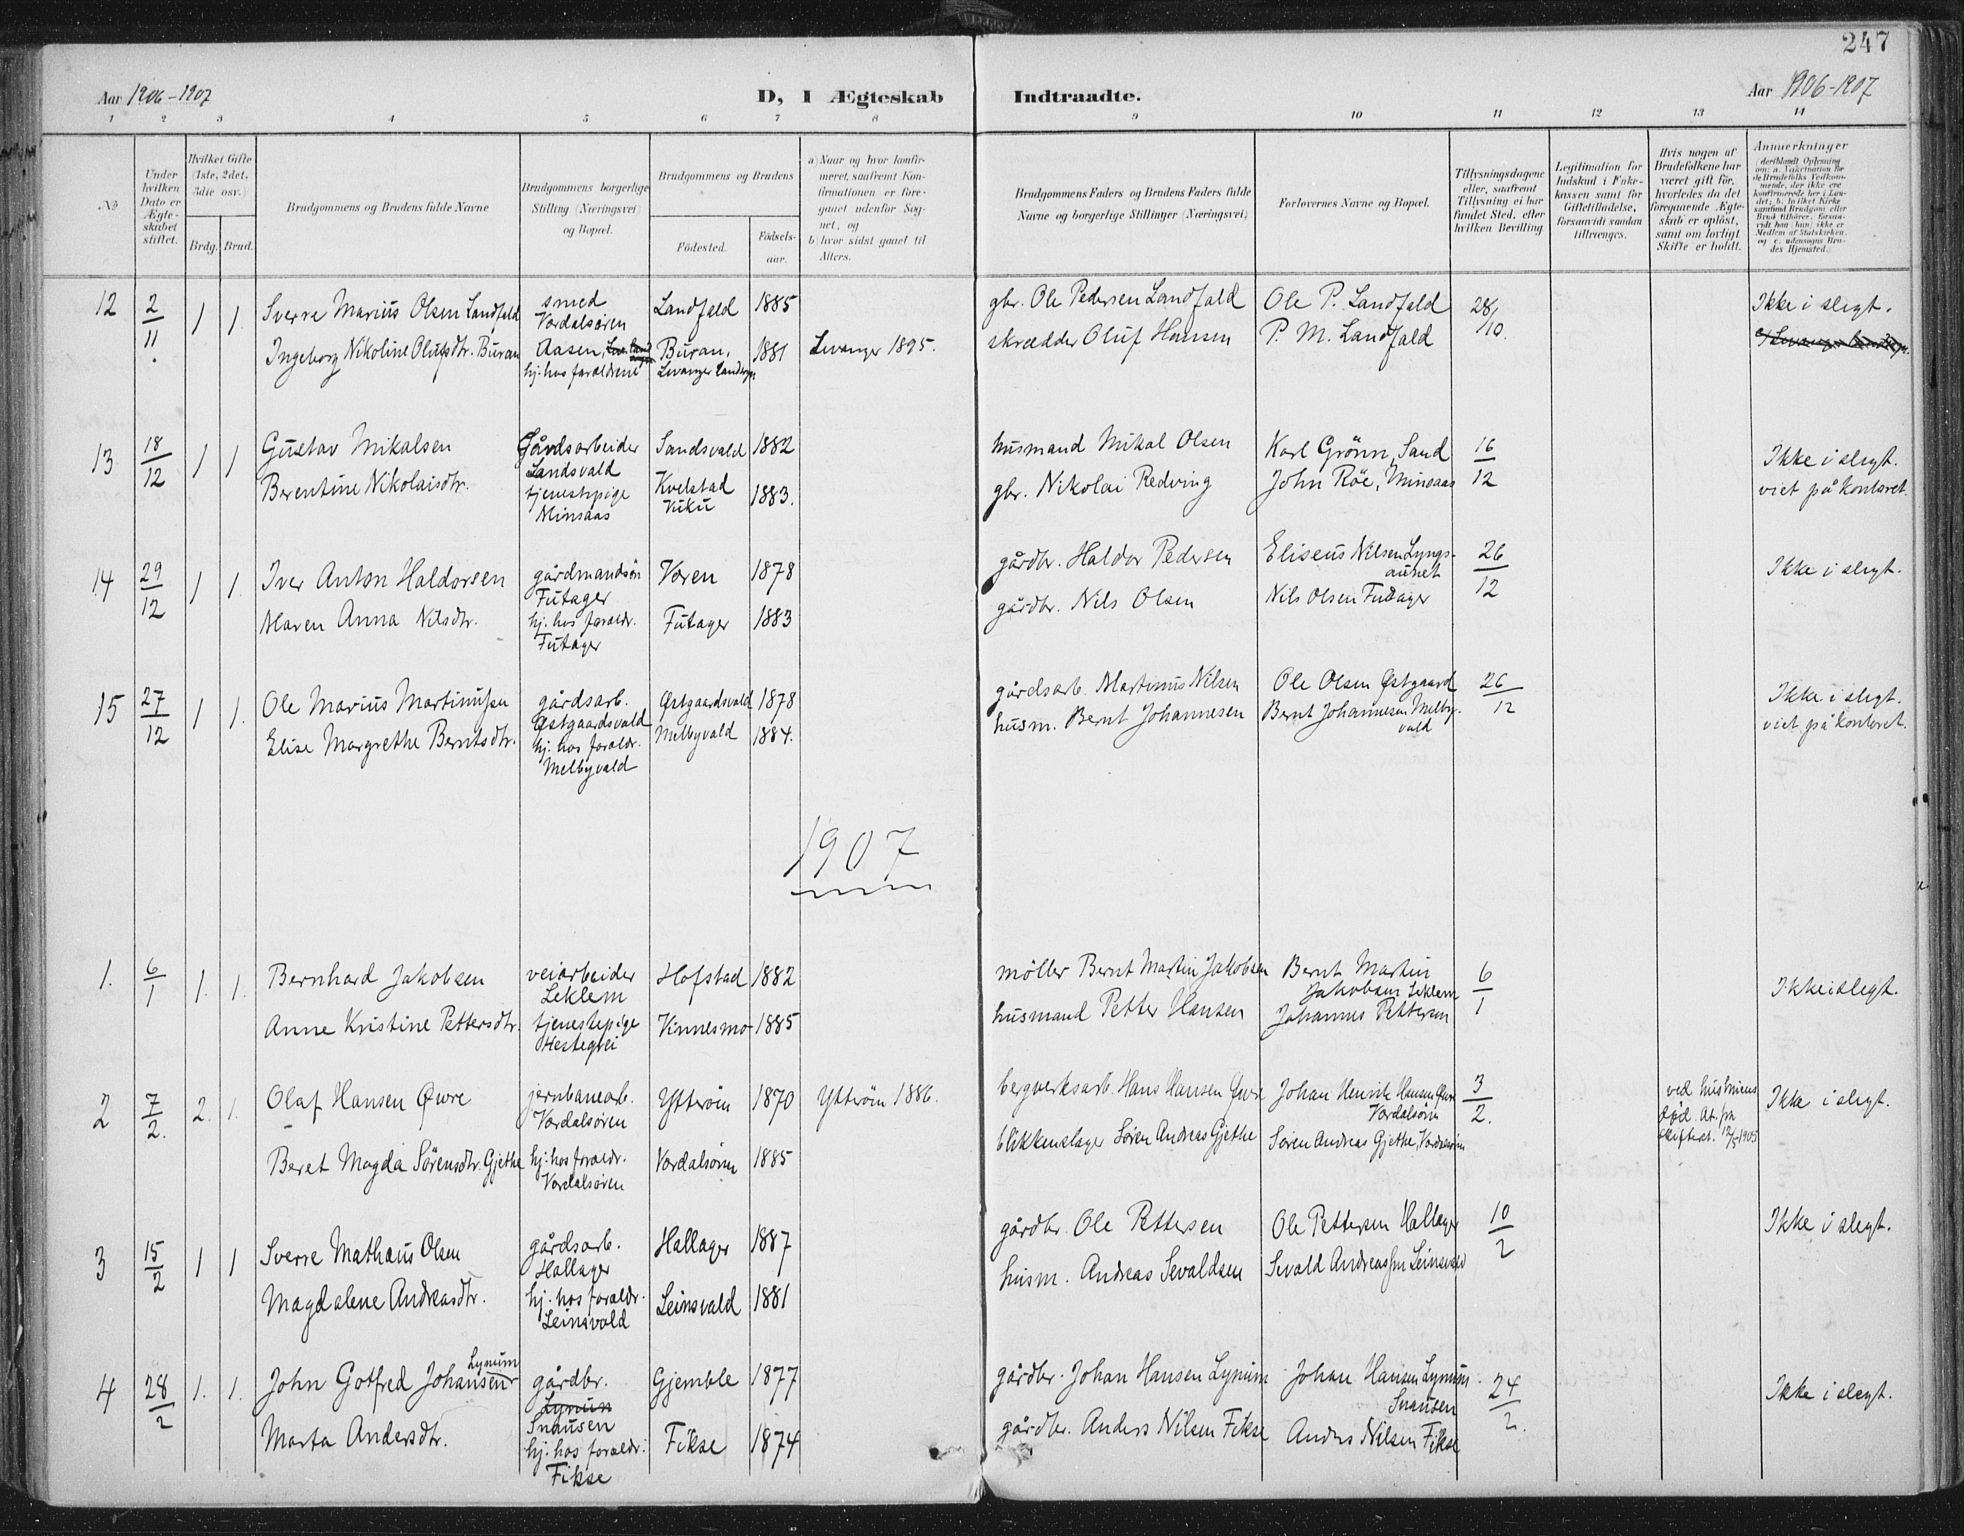 SAT, Ministerialprotokoller, klokkerbøker og fødselsregistre - Nord-Trøndelag, 723/L0246: Ministerialbok nr. 723A15, 1900-1917, s. 247